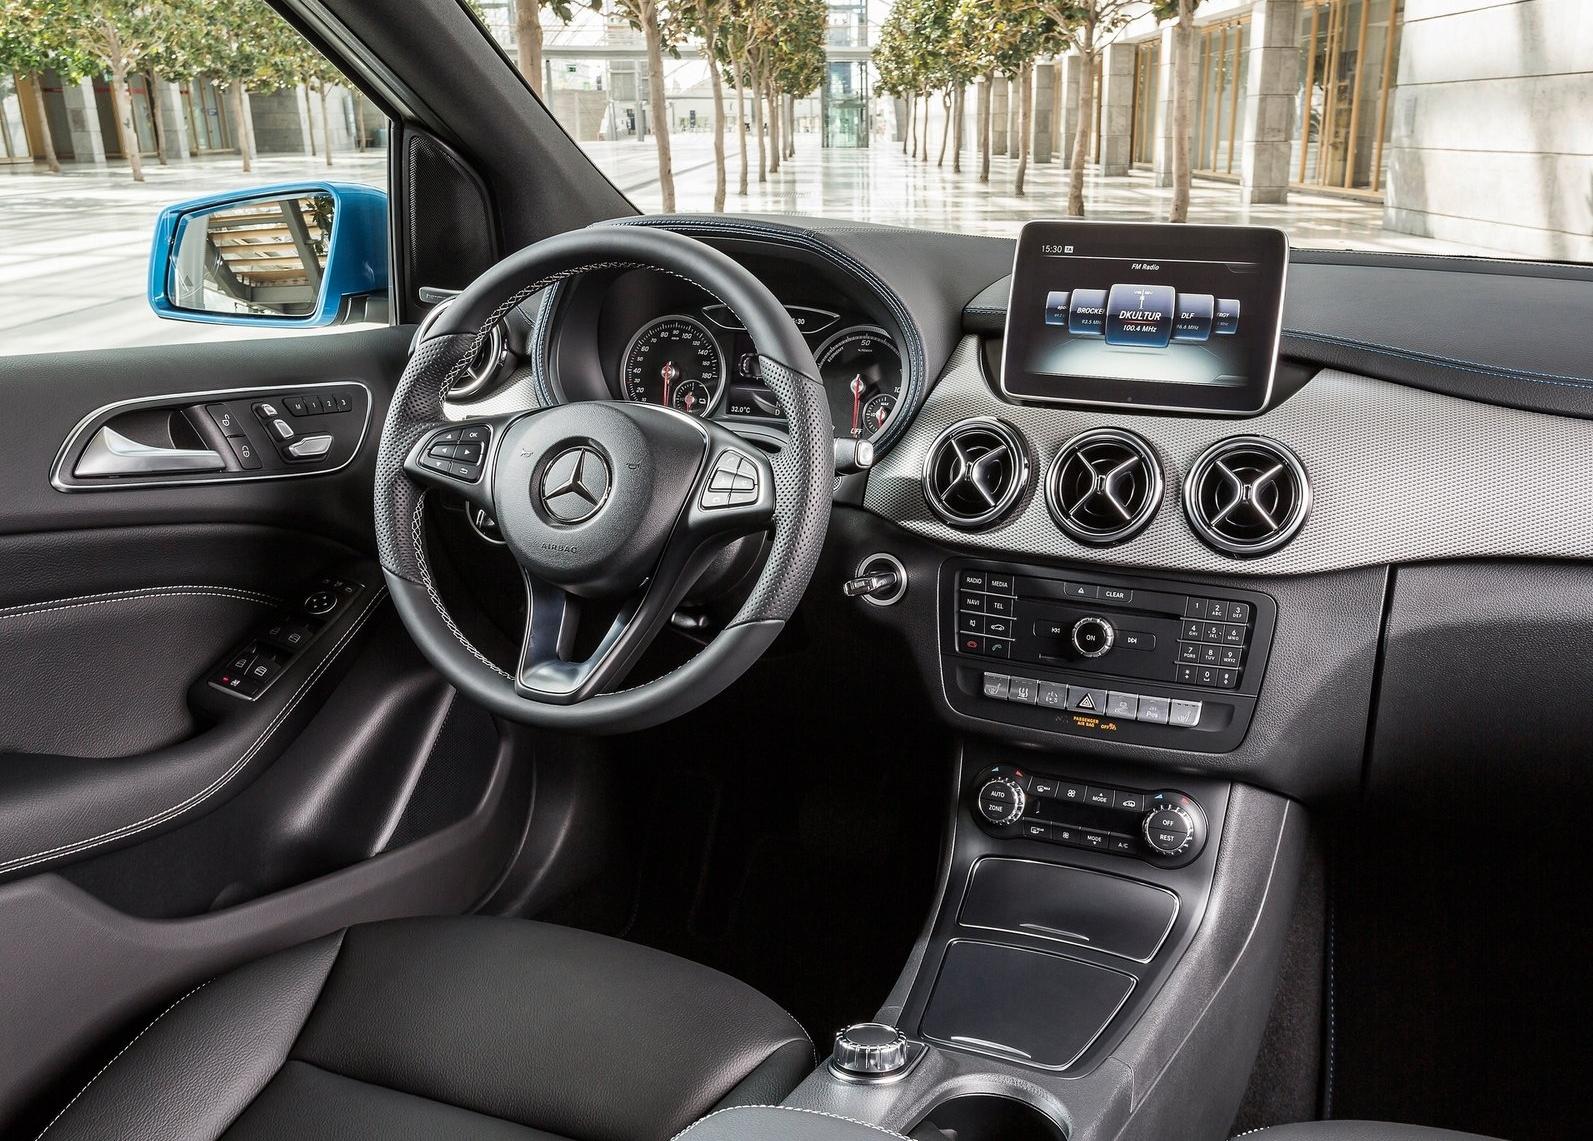 https://www.whatcar.lv/cars/Mercedes-Benz/B-Klase/80c97811b44ba09dc17a52638960ec79.jpg